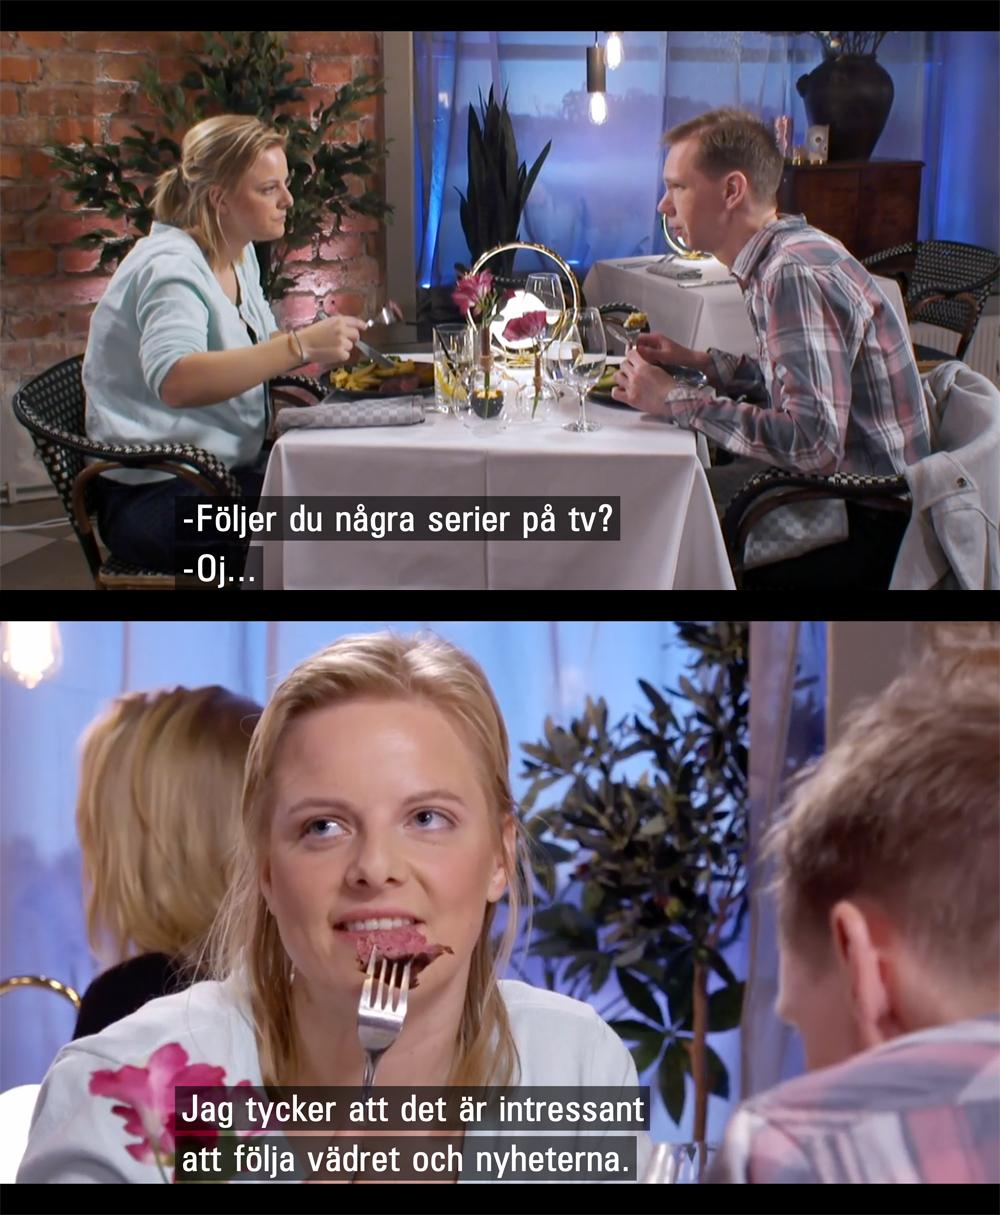 Norsk dramaserie från 2018. En romantisk serie om två människors första möte på en blinddejt.